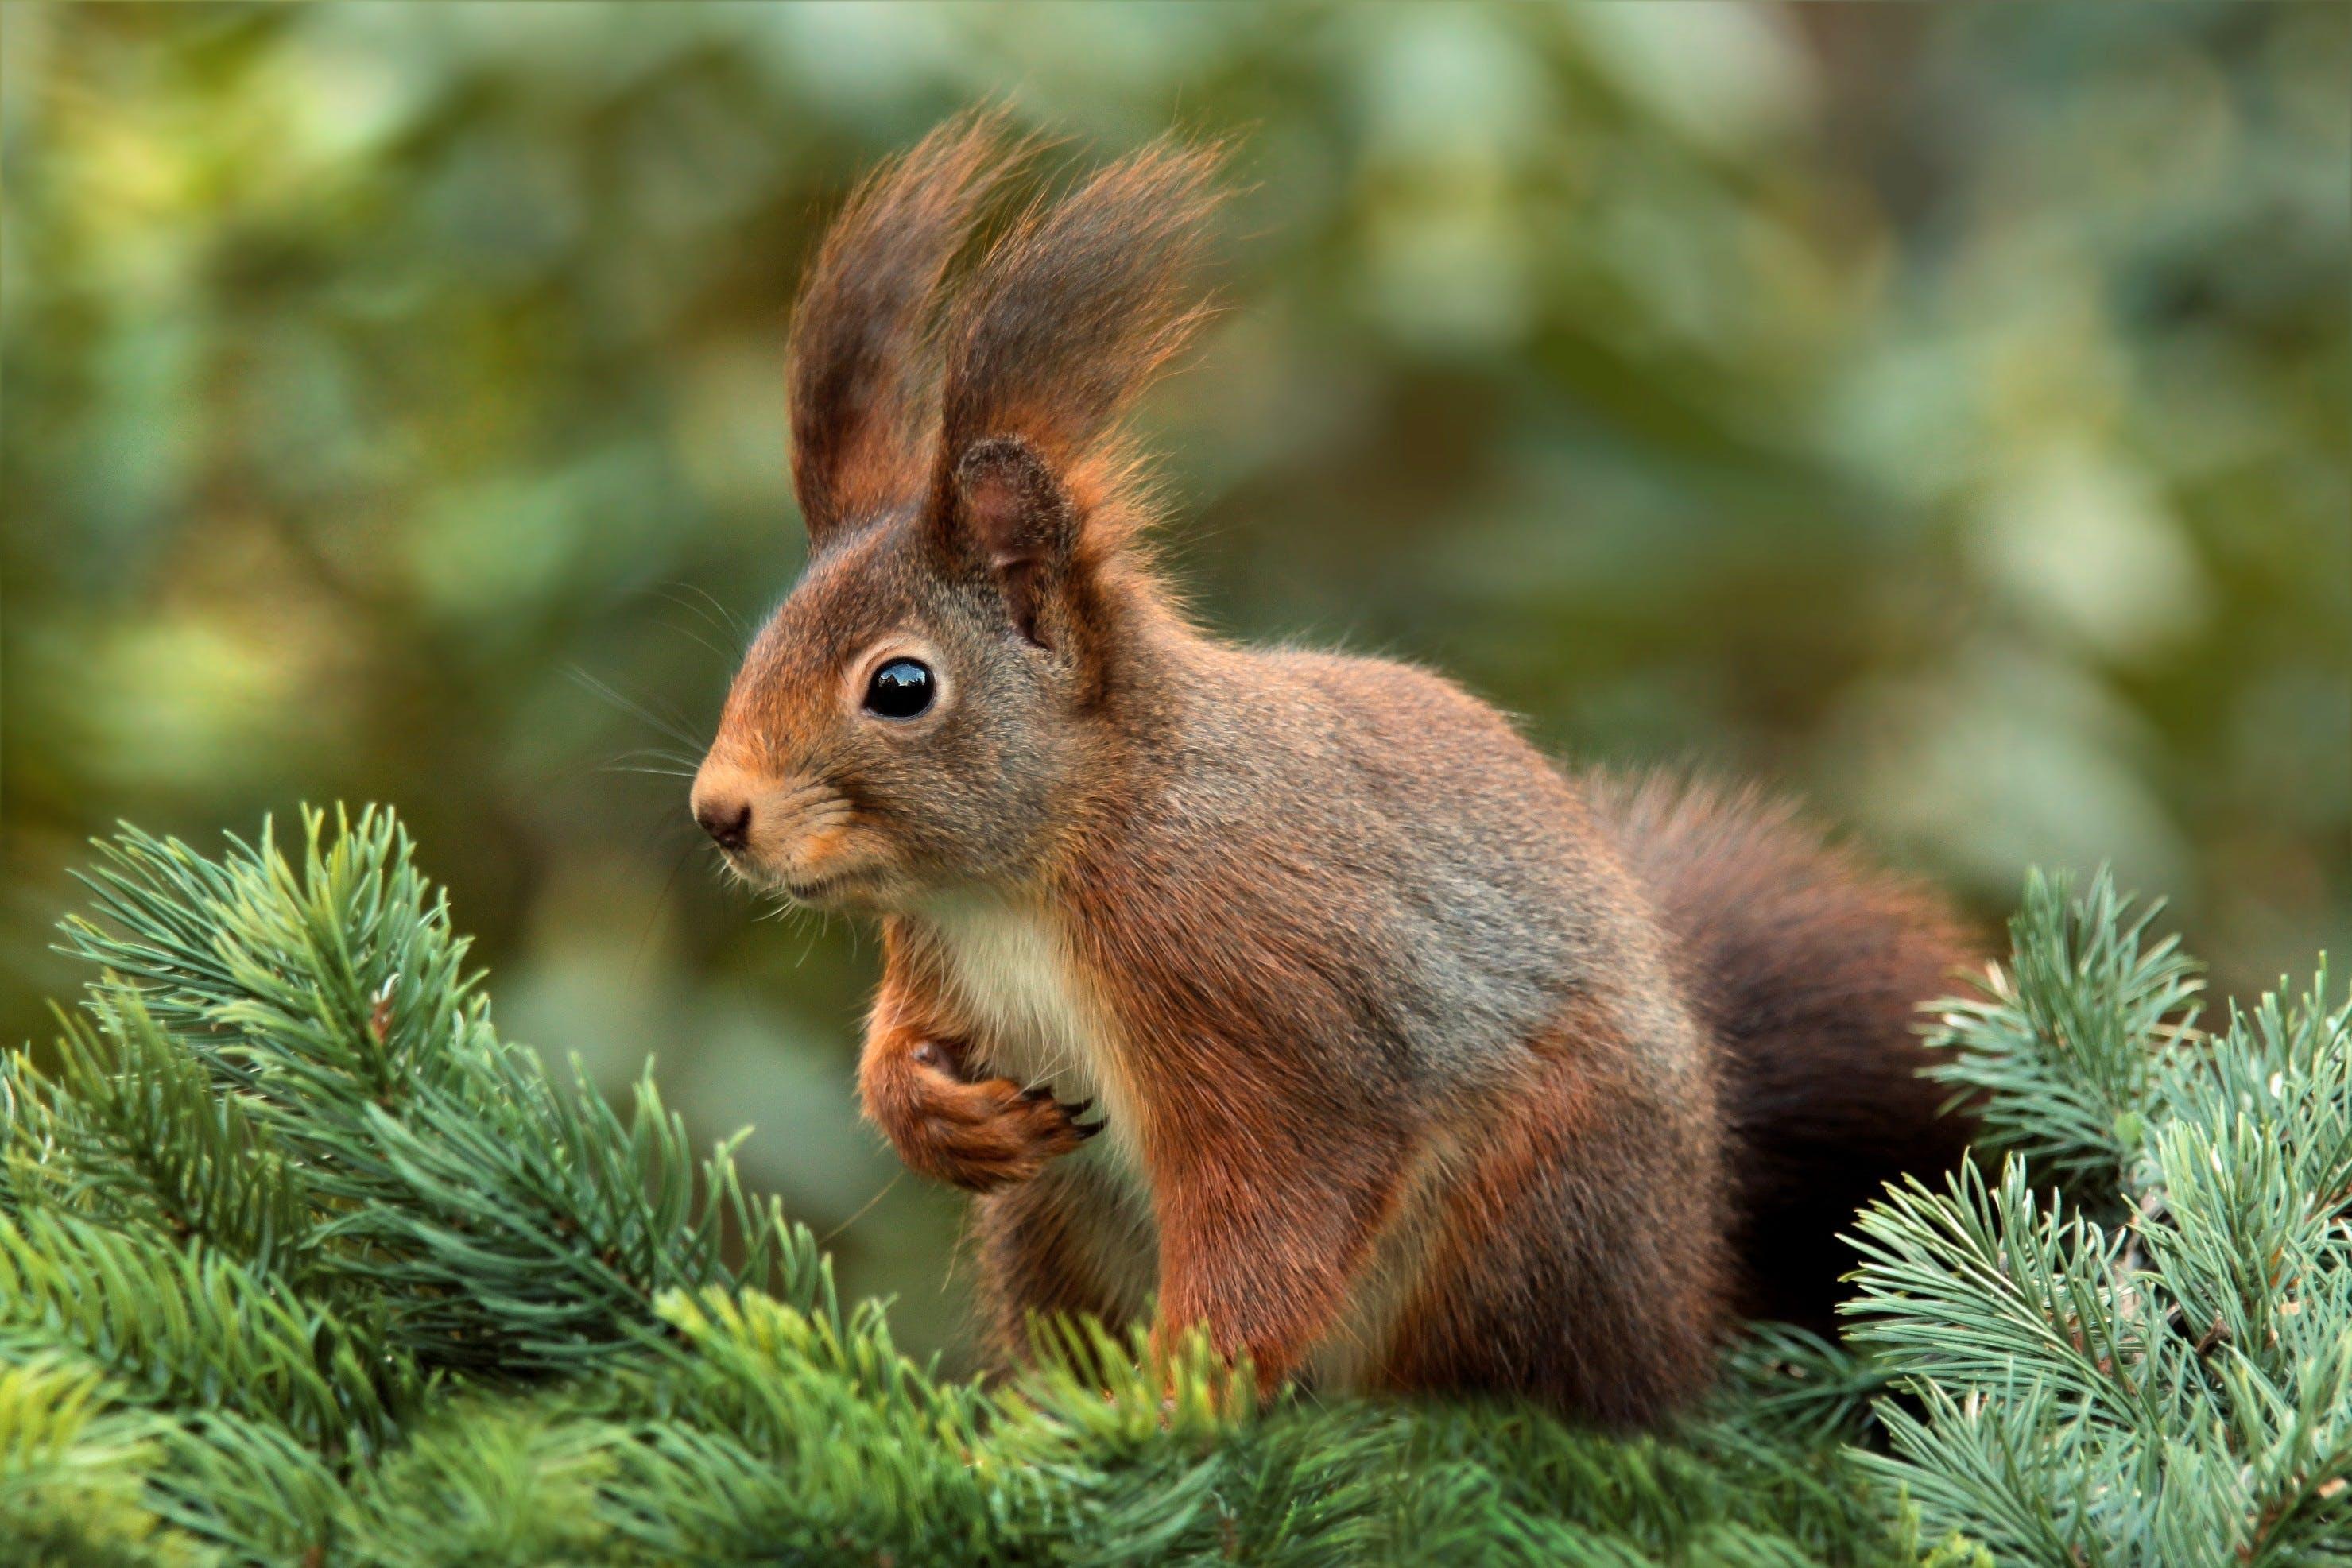 Free stock photo of animal, macro, wildlife, close-up